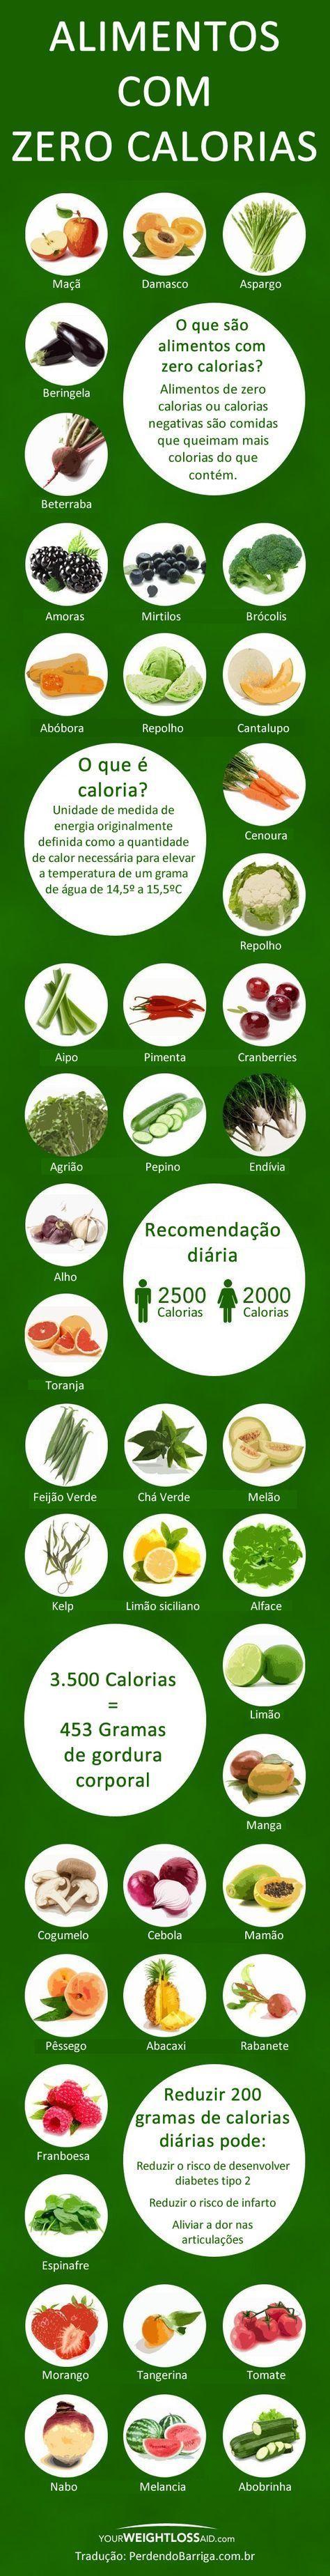 43 Alimentos com Zero Calorias (ou Calorias Negativas)